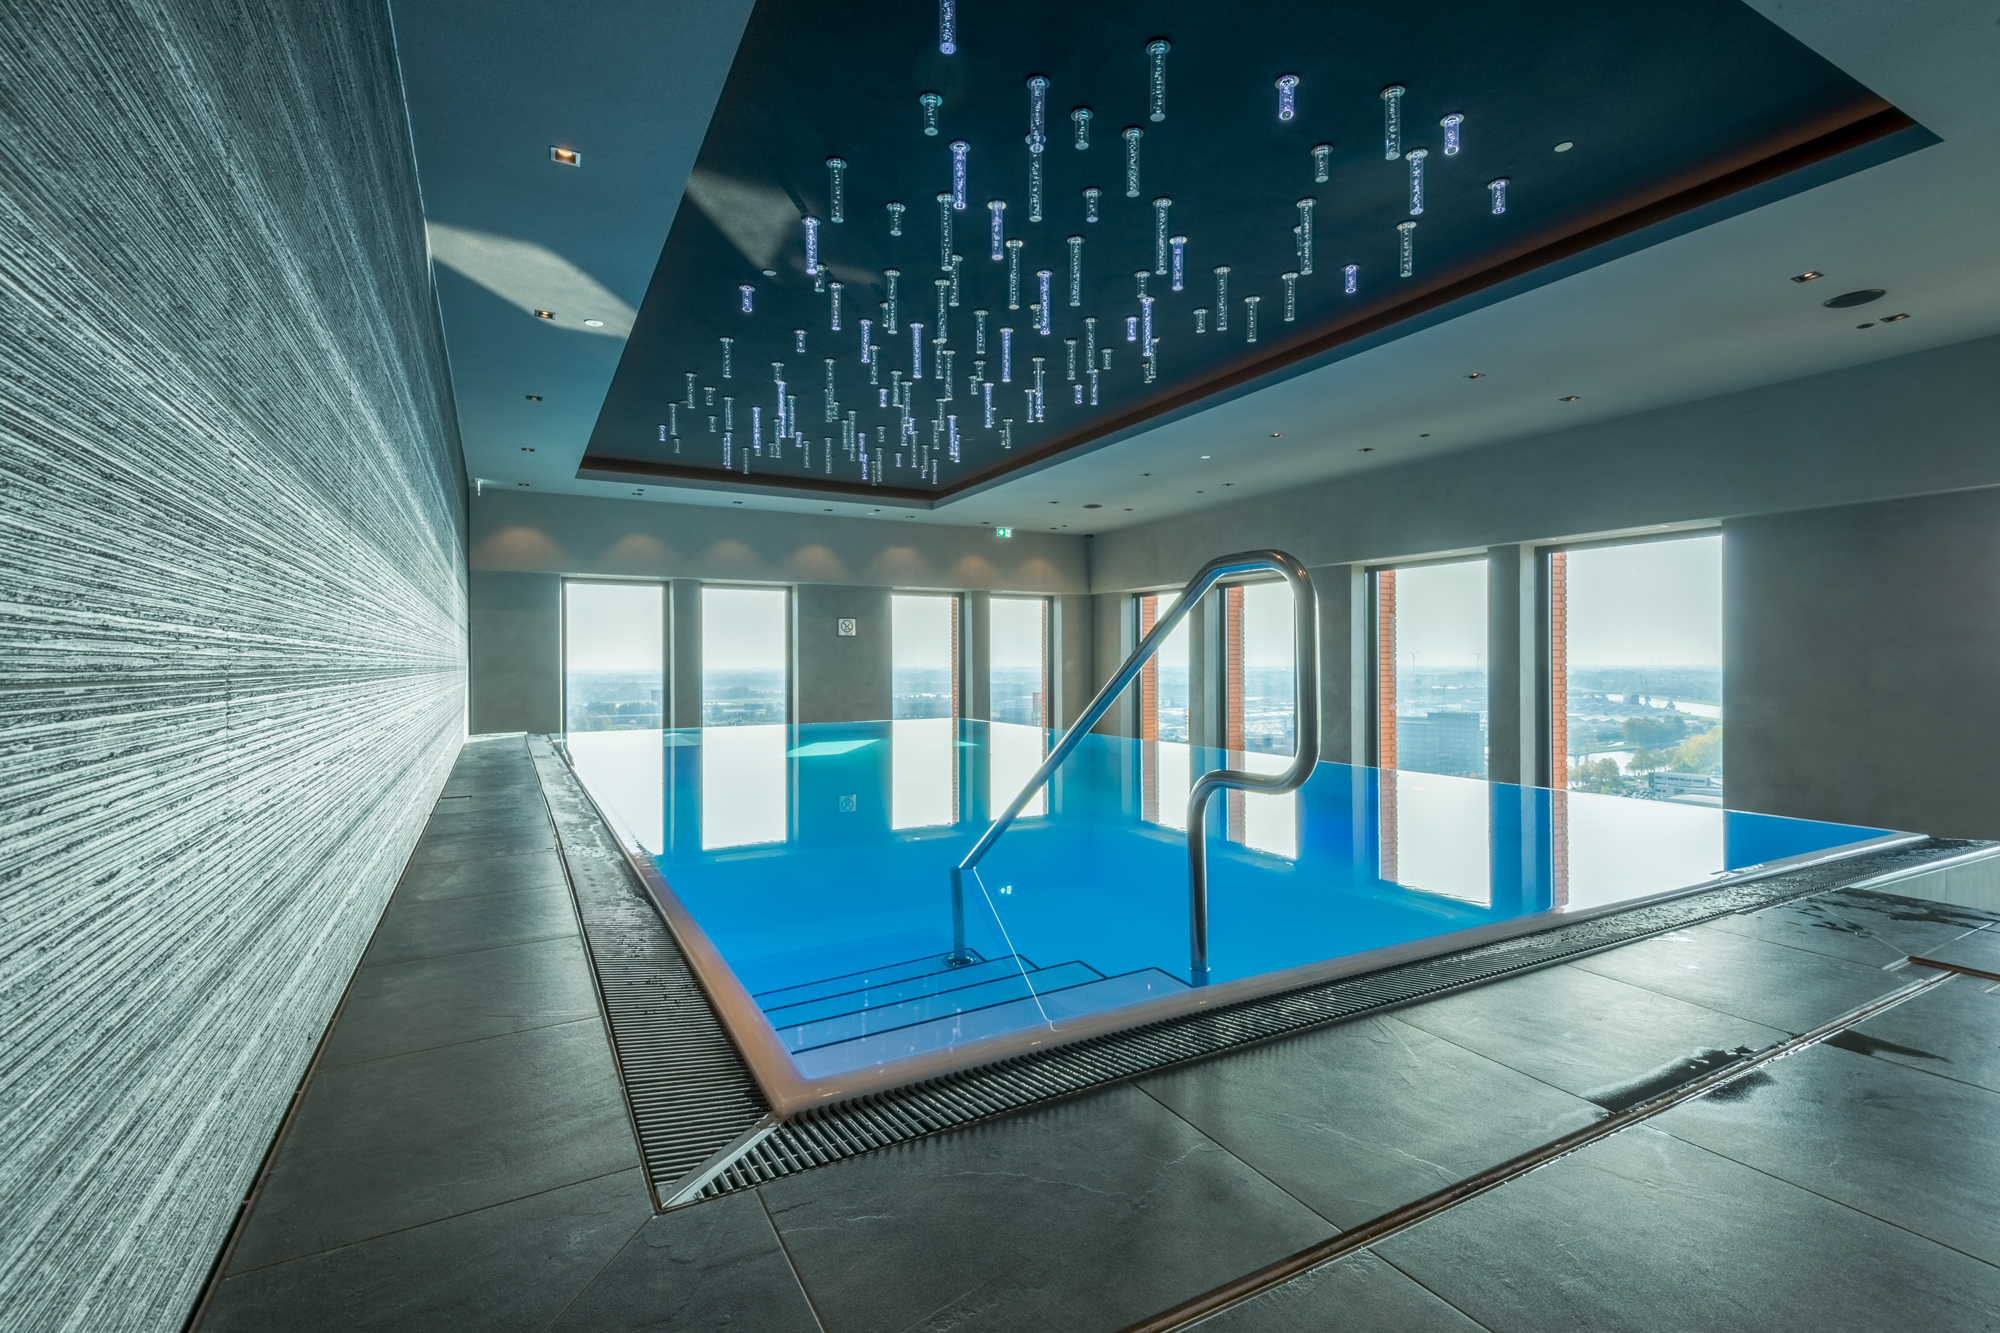 freistehendes custom Schwimmbecken by Veltmann Pools